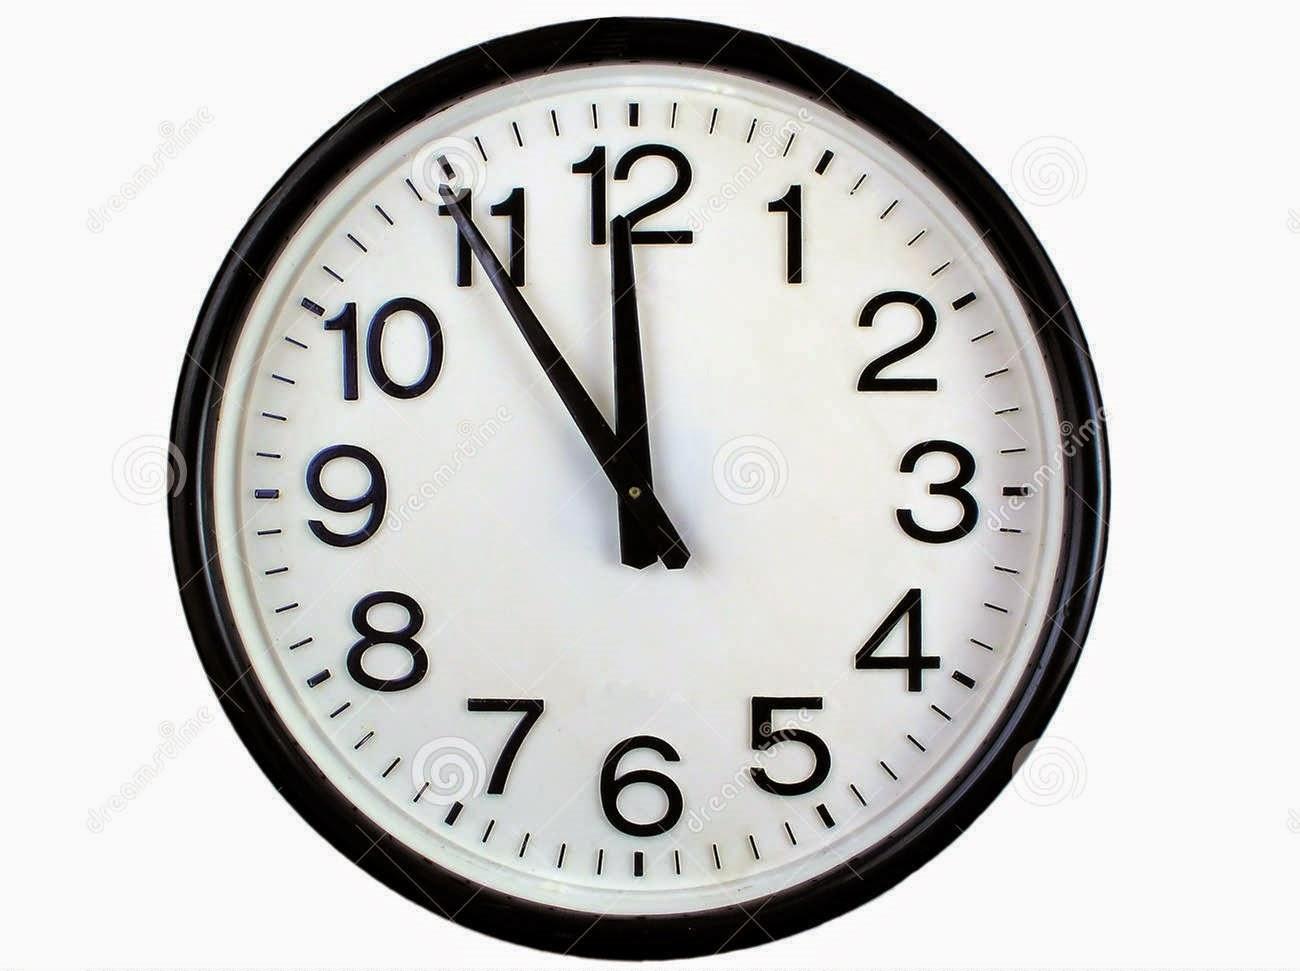 Enroque de ciencia las 10 10 de los relojes razones - Relojes de pared clasicos ...